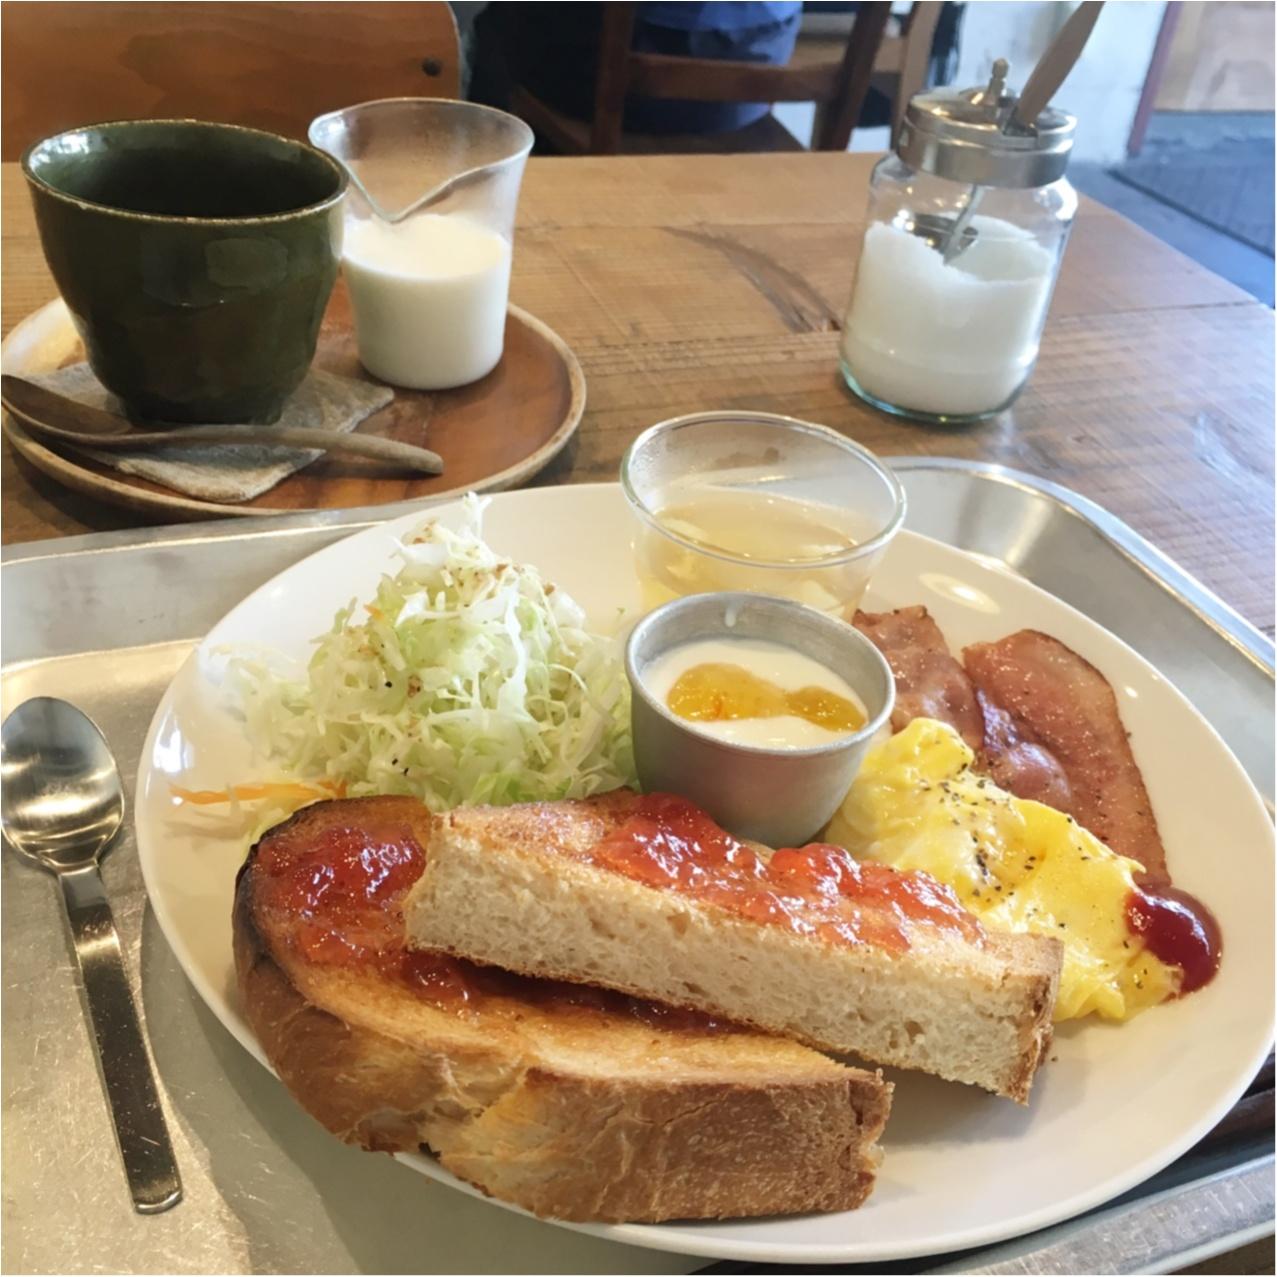 一日の始まり ♪ ナチュラルカフェでほっこり朝ごはん♡_4